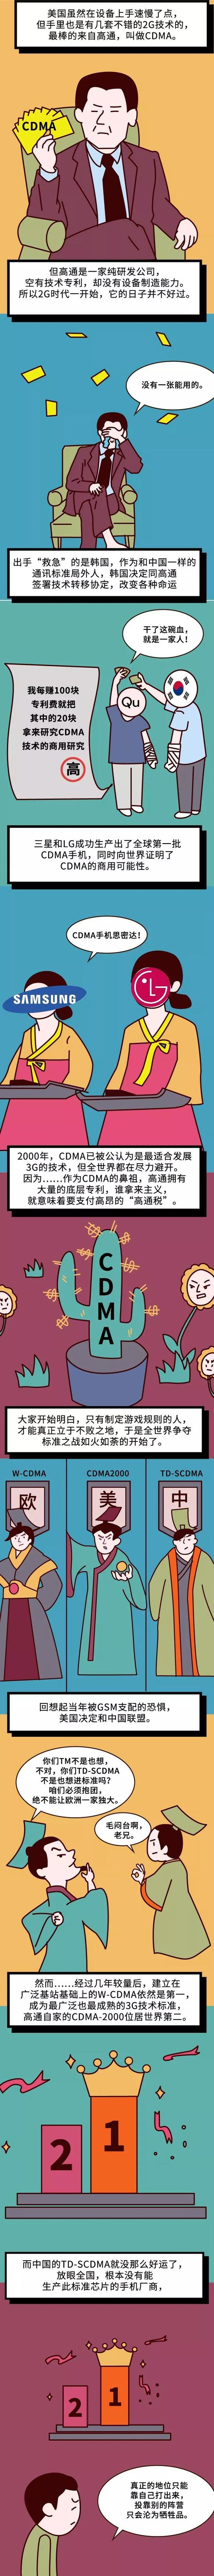 火箭团队娱乐平台·暴风TV解散风波:职工否认解散 运营主体迁至深圳高科